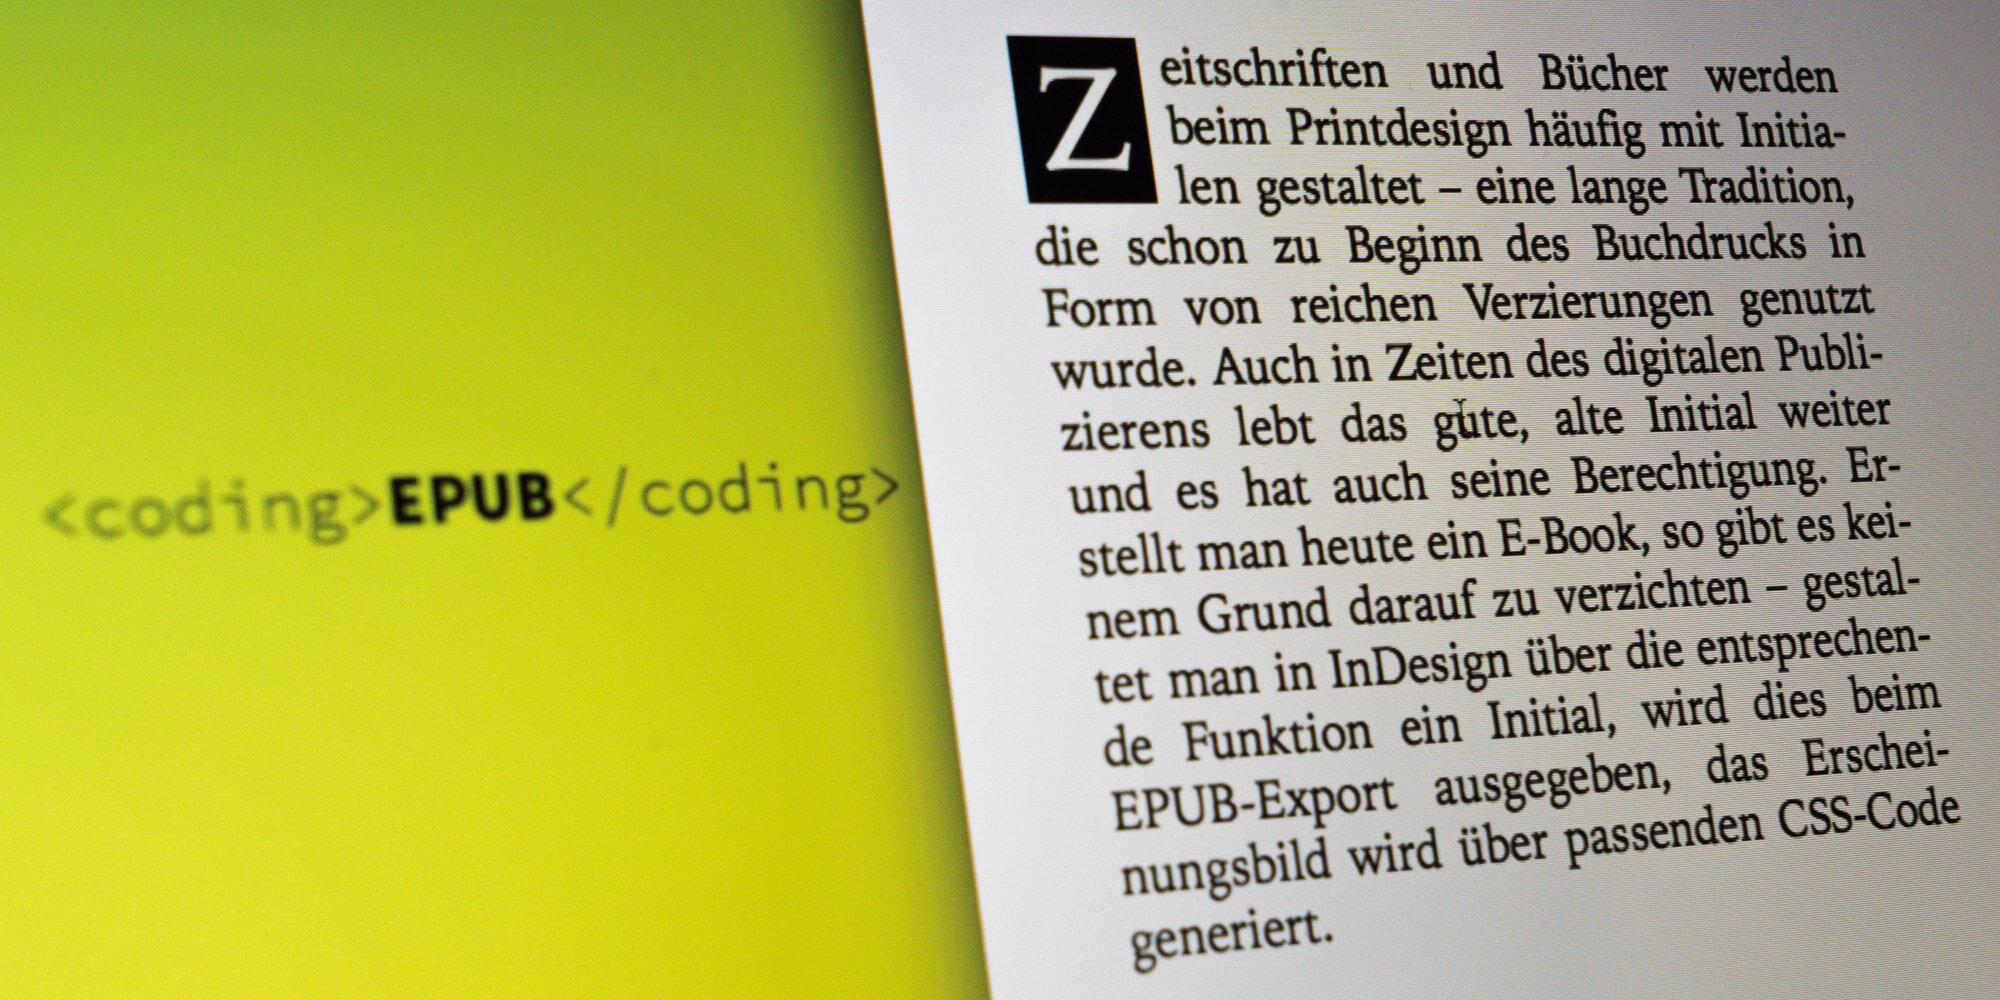 Bildschirmfoto von einem E-Book Initial